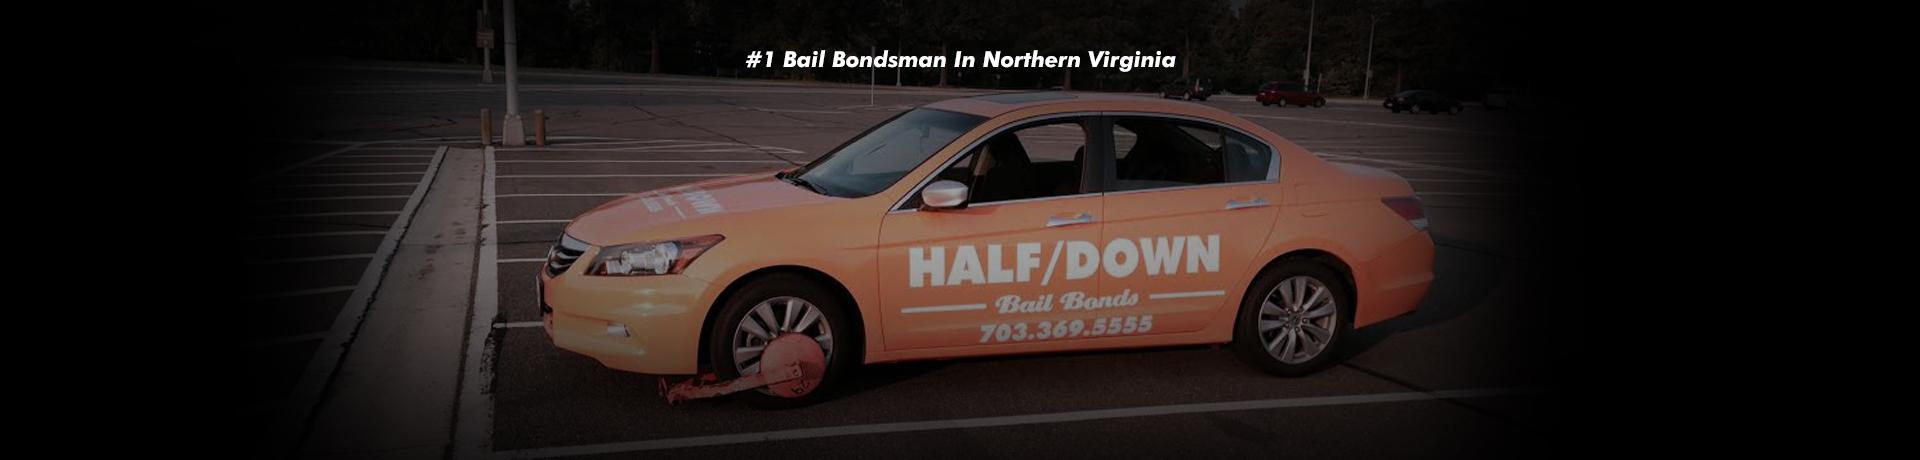 Fairfax County Bail